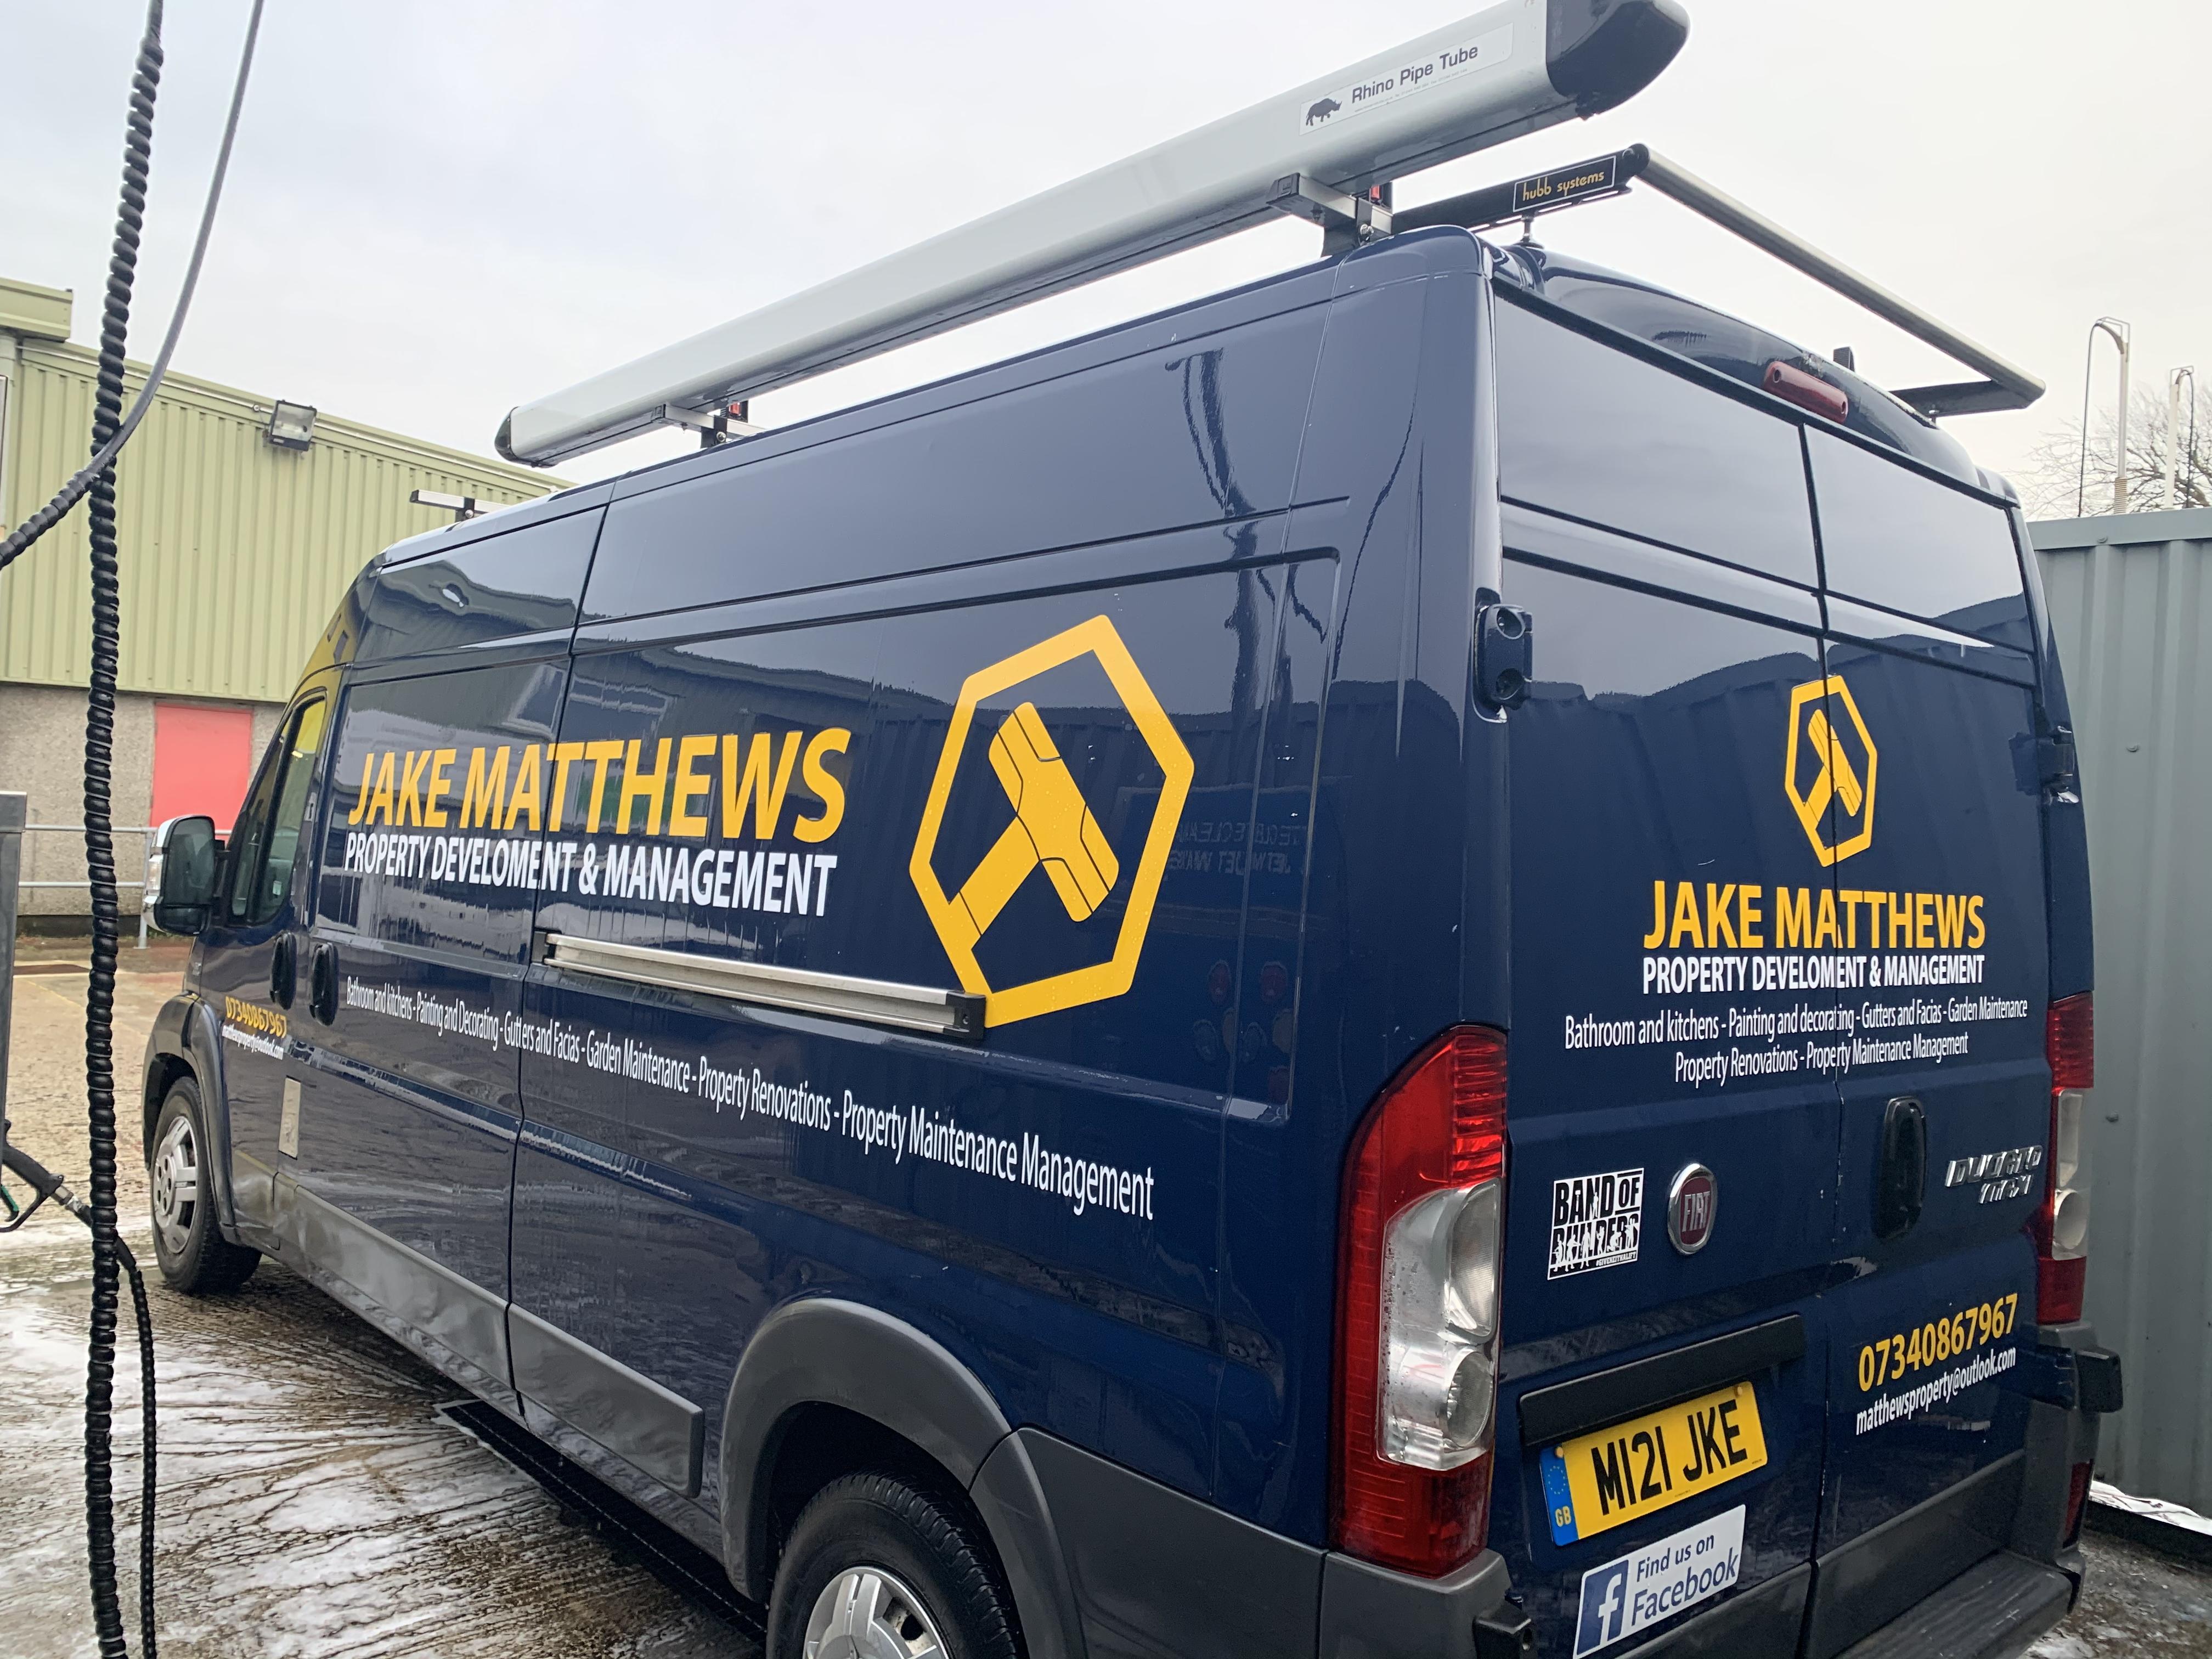 Jake Matthews Property Development and Management Verified Logo